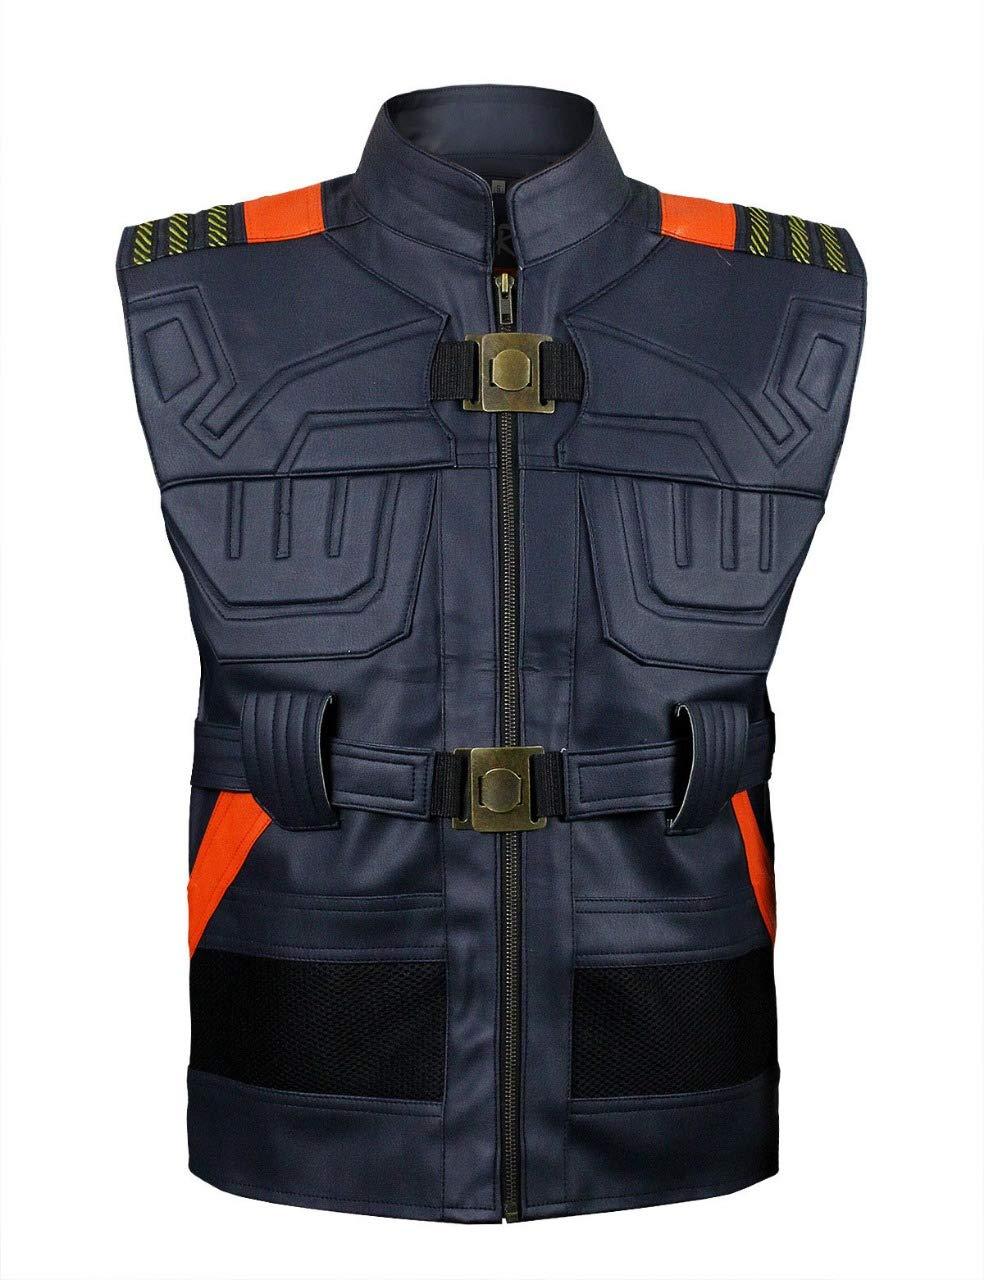 Black Panther Erik Killmonger (Michael B Jordan) Vest …Large